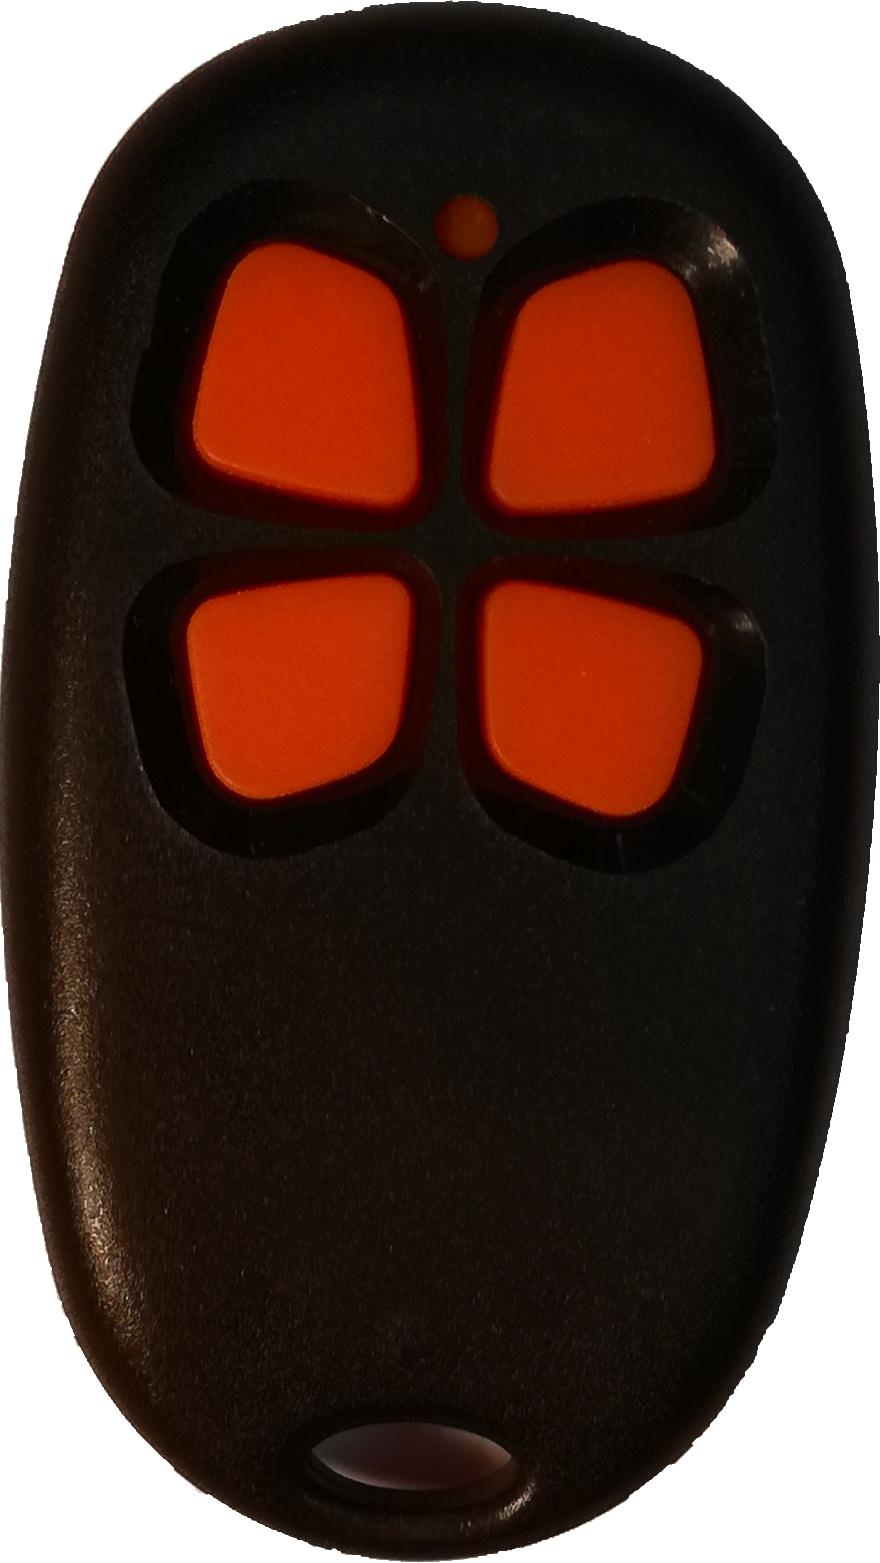 T l commande 4 boutons clapet avidsen lot de 1 114253 electricit - Boitier telecommande portail ...